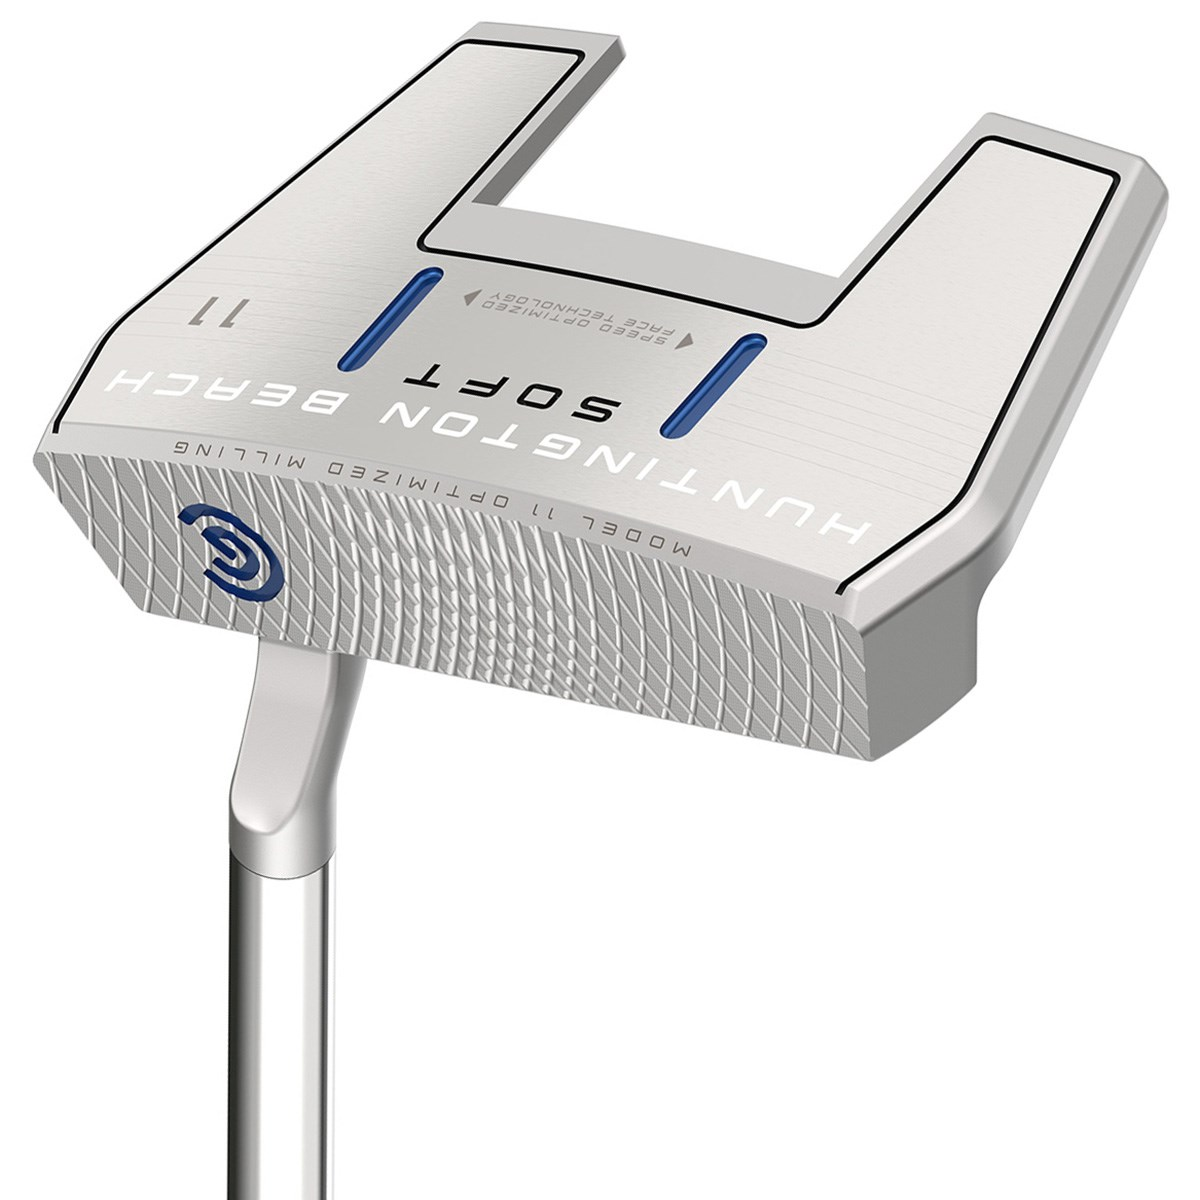 クリーブランド Cleveland Golf ハンティントン ビーチ SOFT 11 パター シャフト:オリジナルスチール 33inch レディス